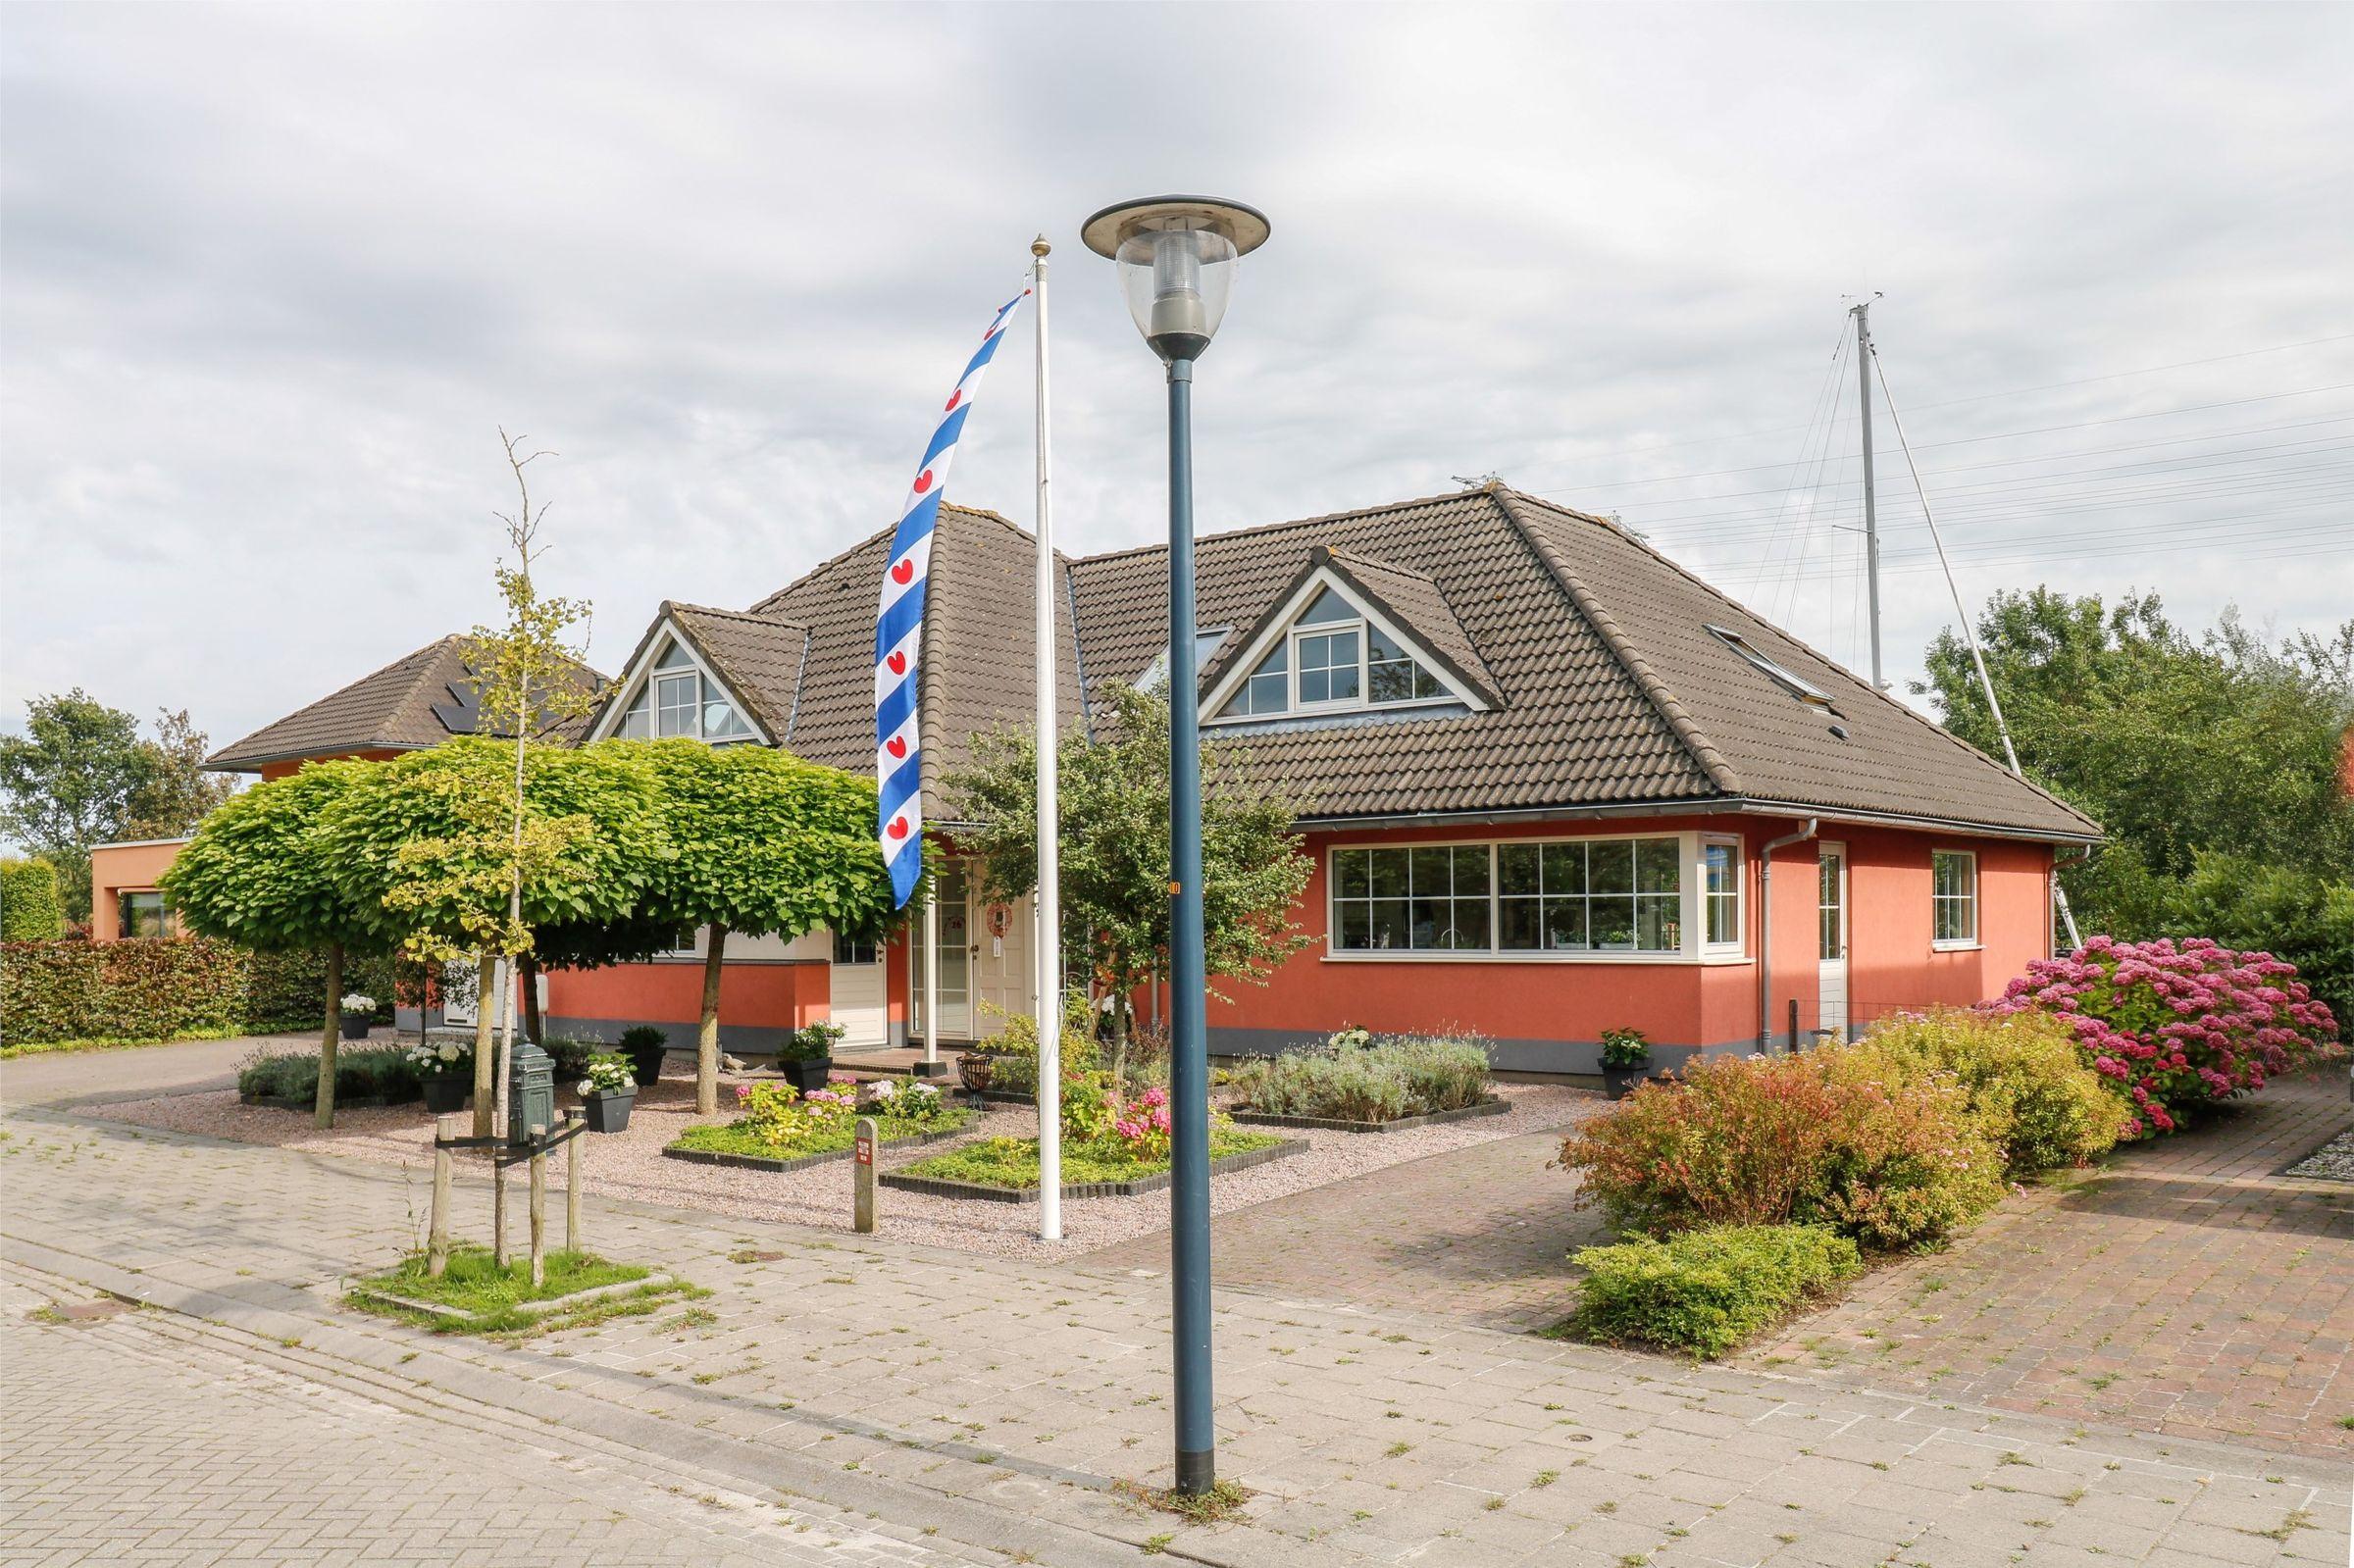 De Tjonger 26, Leeuwarden